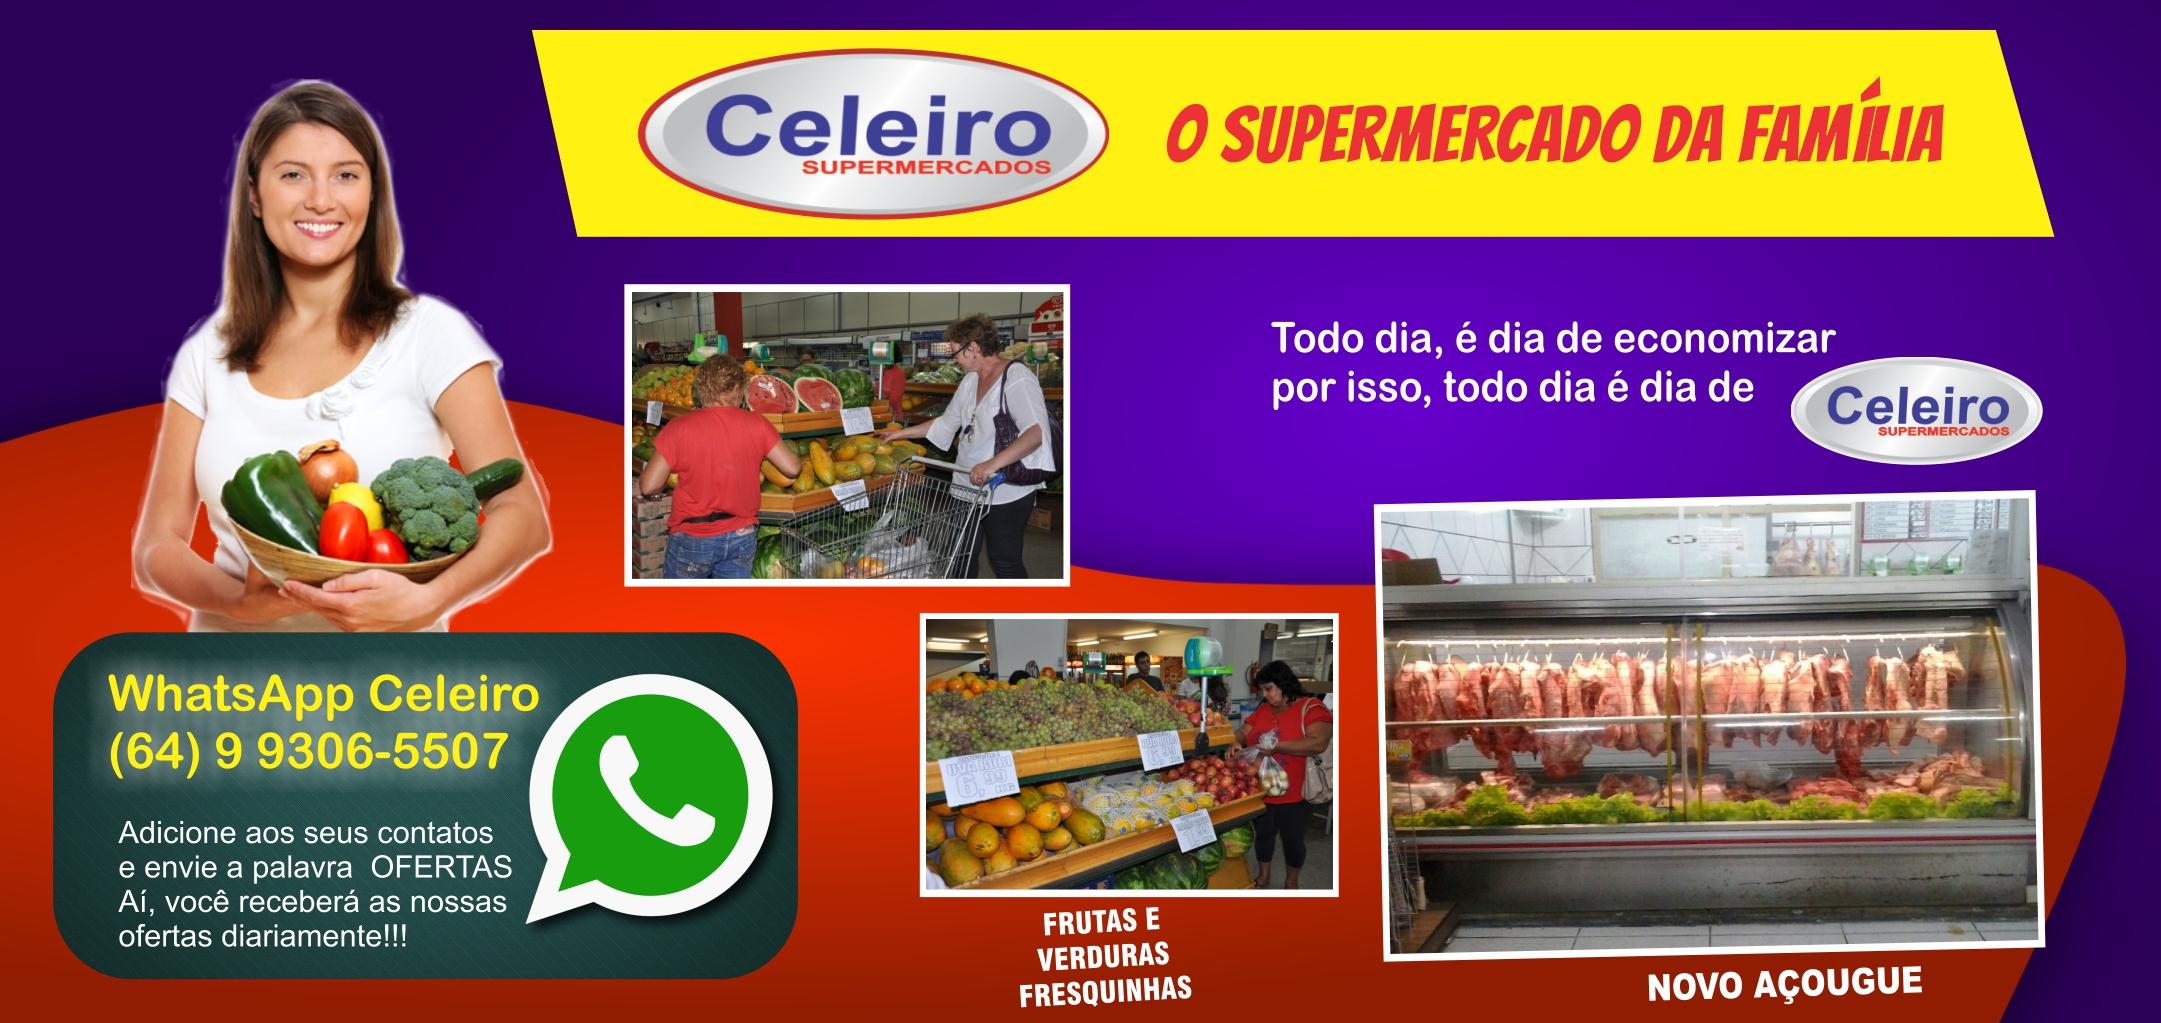 CELEIRO 2017 - B